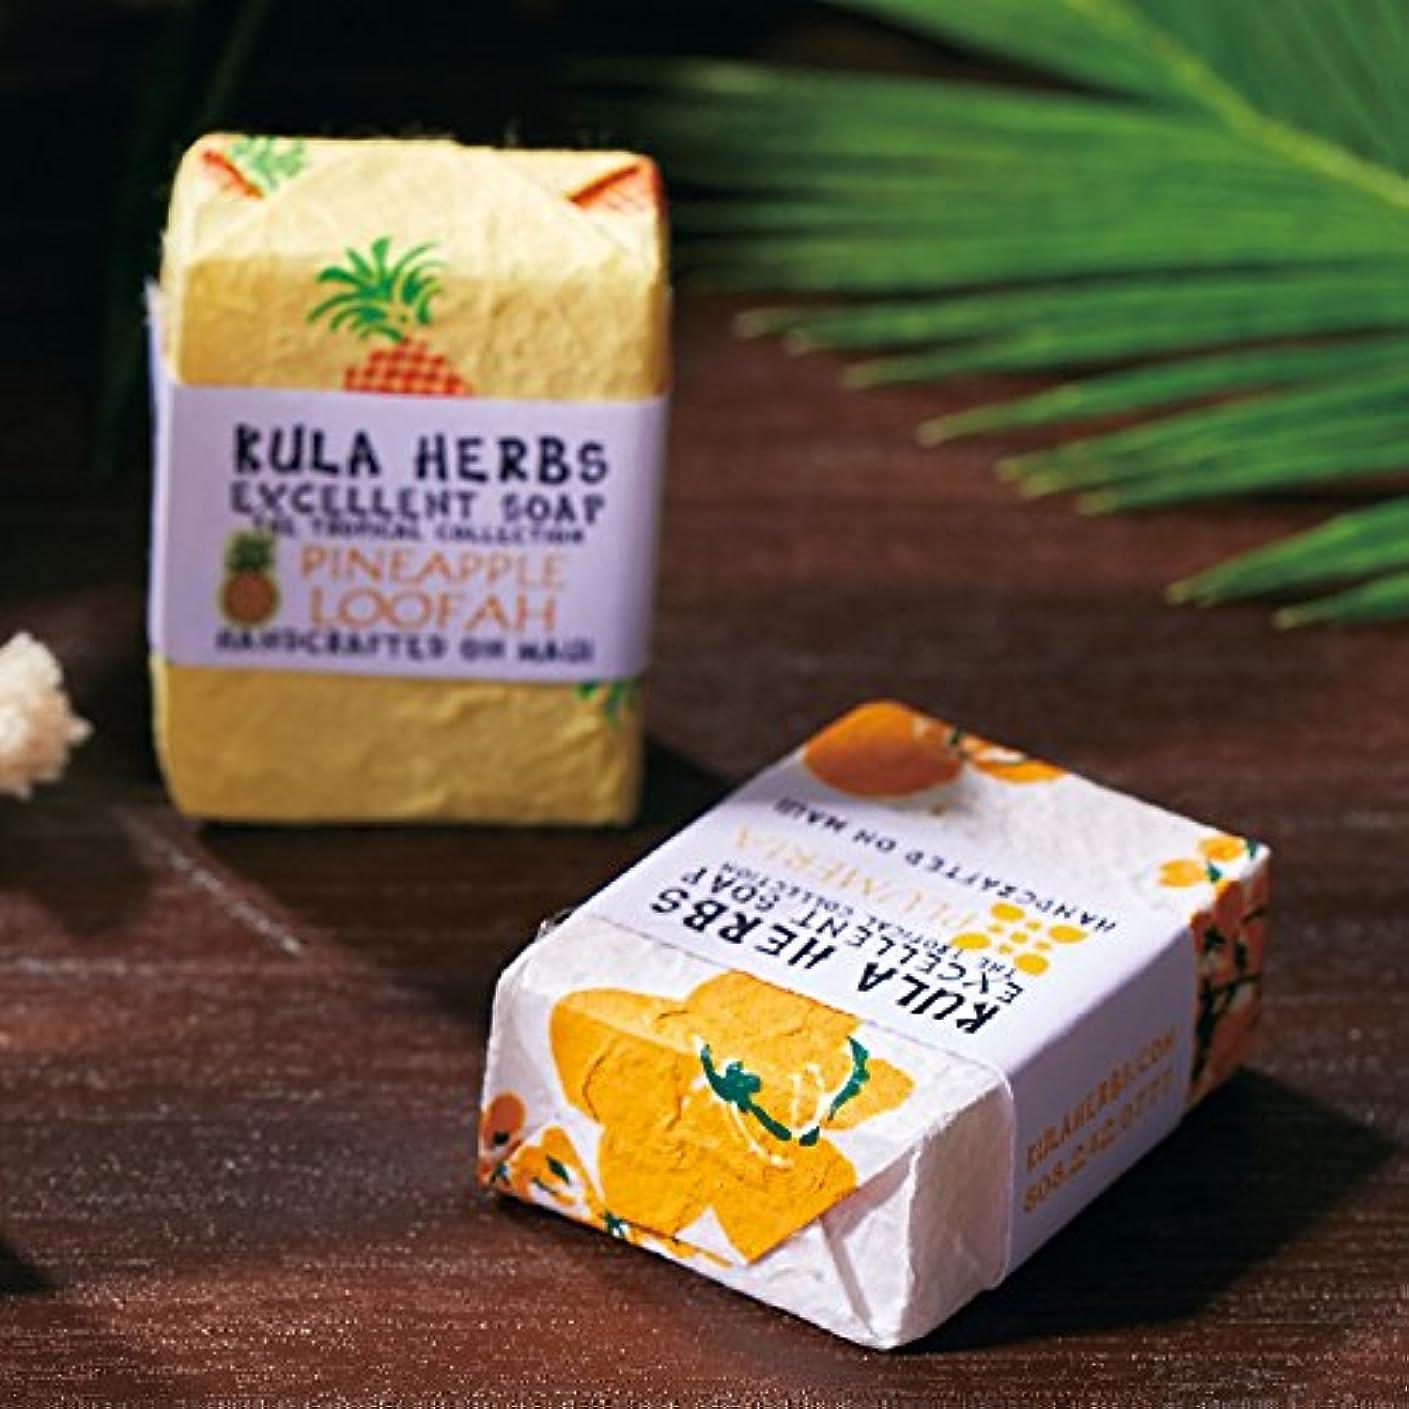 自然ではごきげんようピービッシュハワイ 土産 クラハーブス ソープ 2種4コセット(ミニミニポーチ付) (海外旅行 ハワイ お土産)